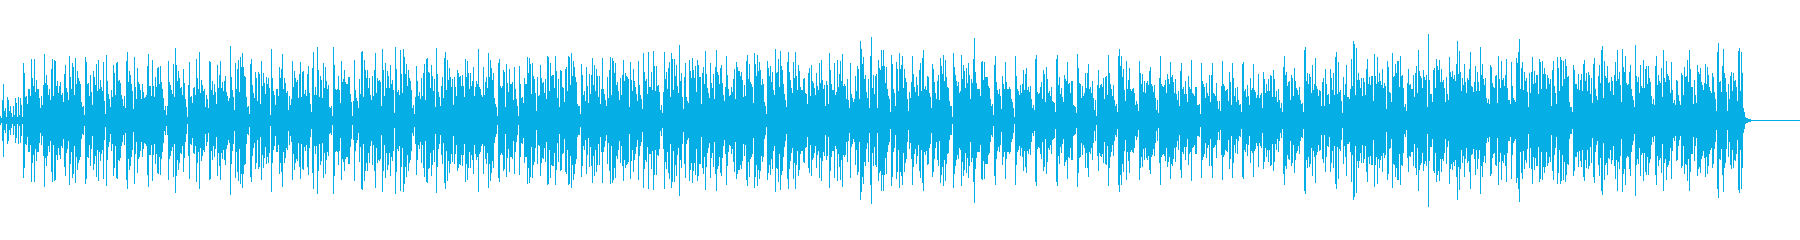 ■ボサノバ風・ギター・ピアノ くつろぎ曲の再生済みの波形